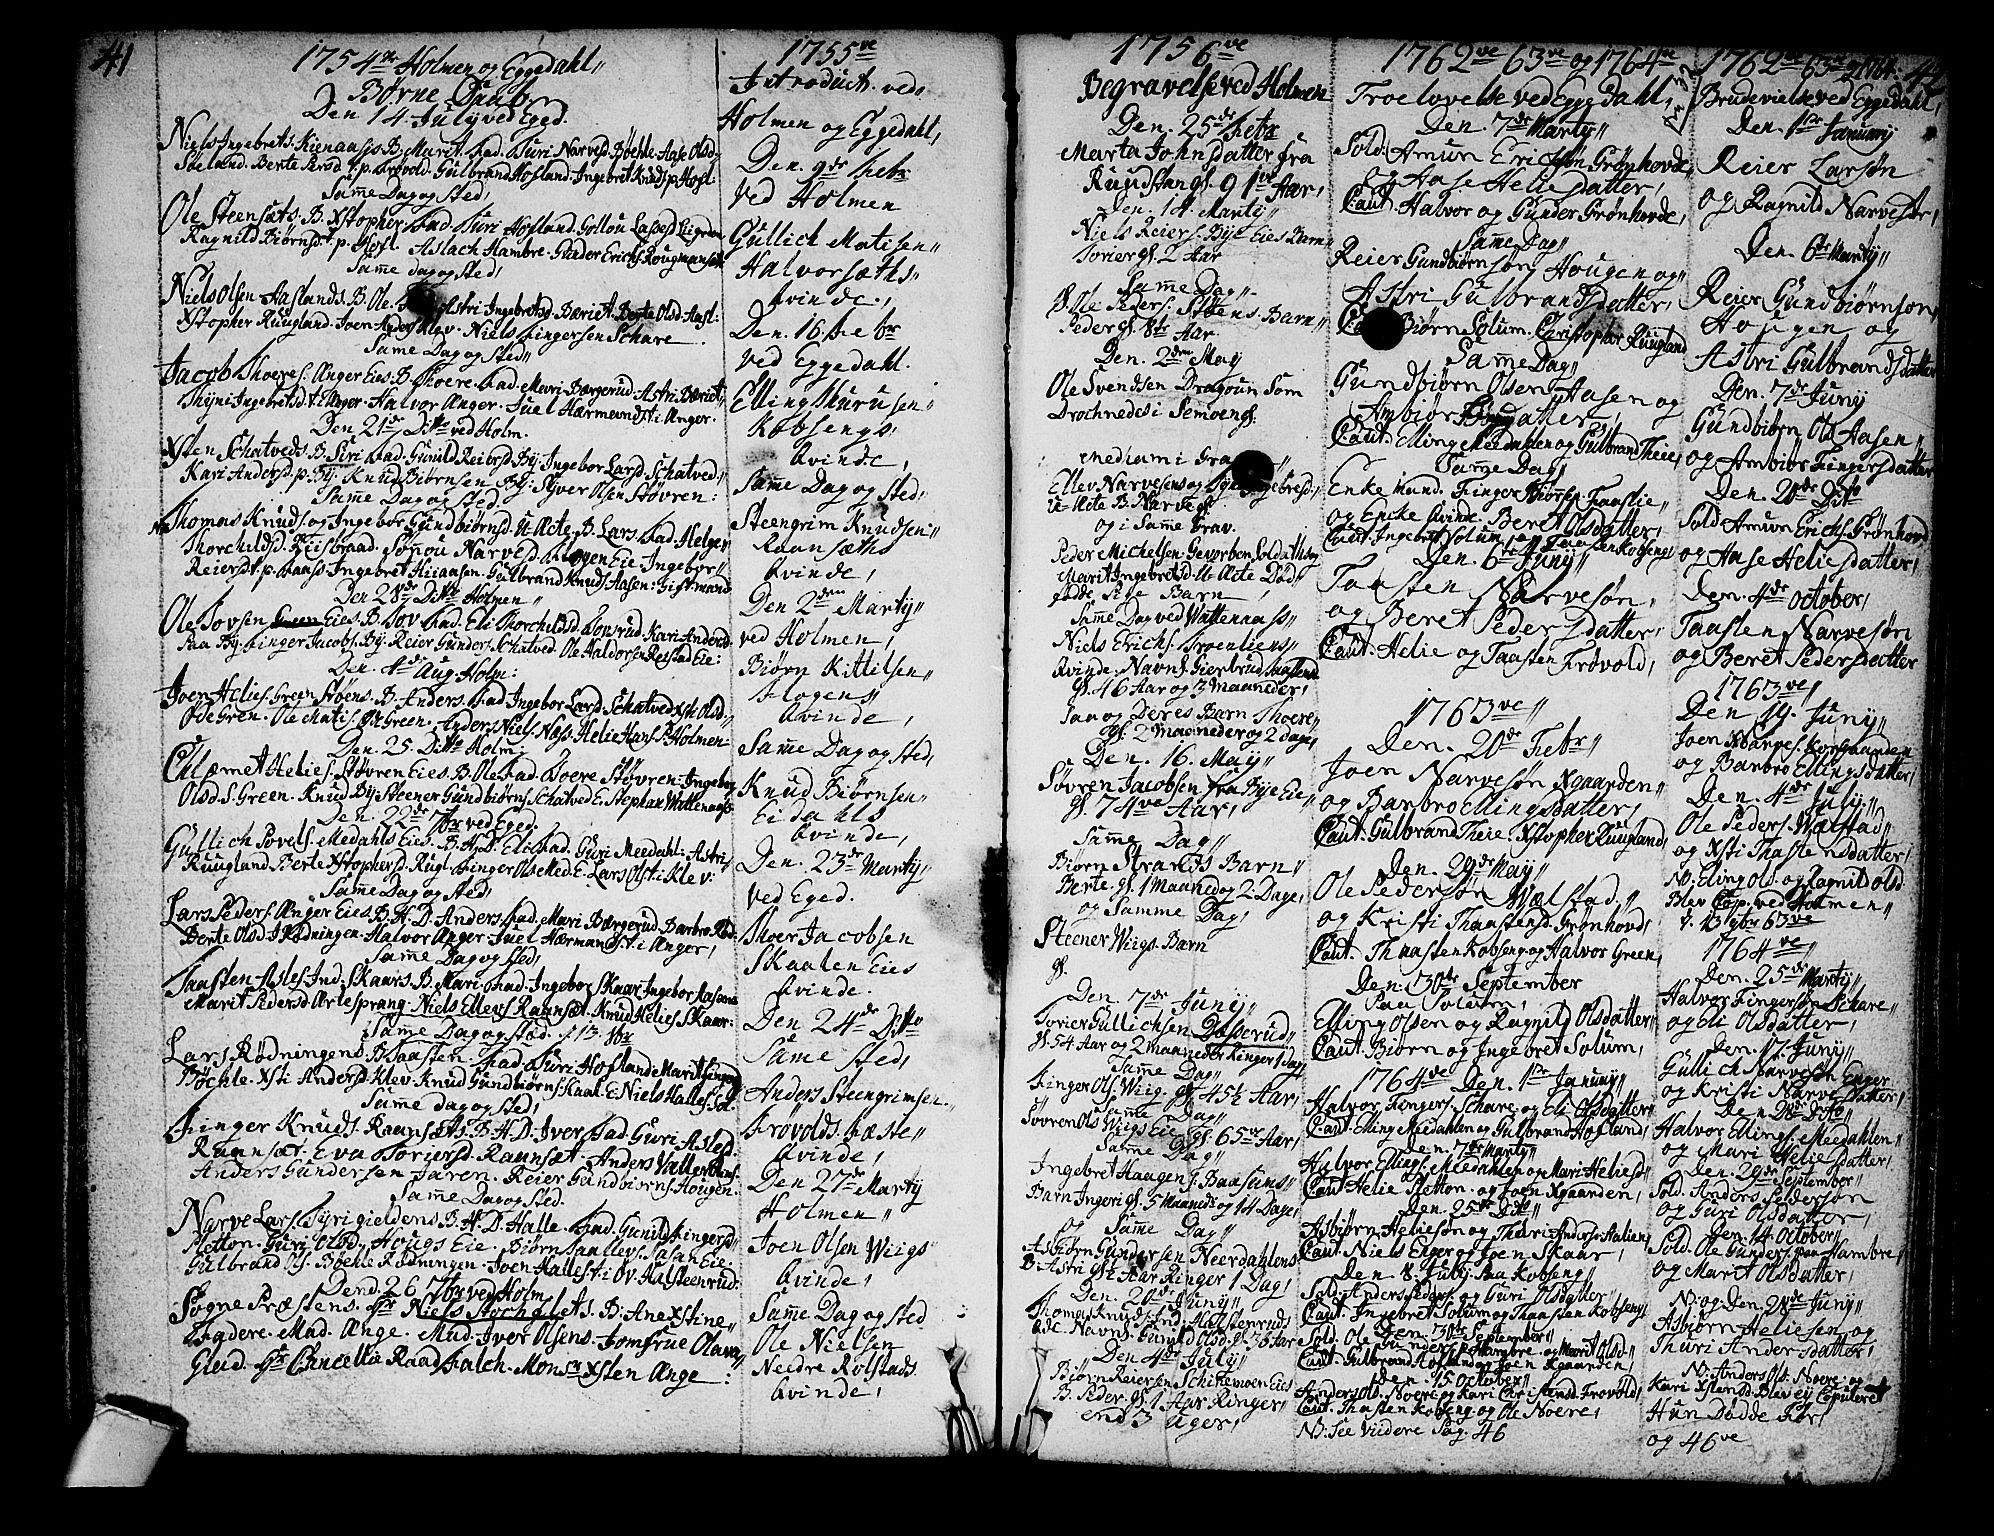 SAKO, Sigdal kirkebøker, F/Fa/L0001: Ministerialbok nr. I 1, 1722-1777, s. 41-42